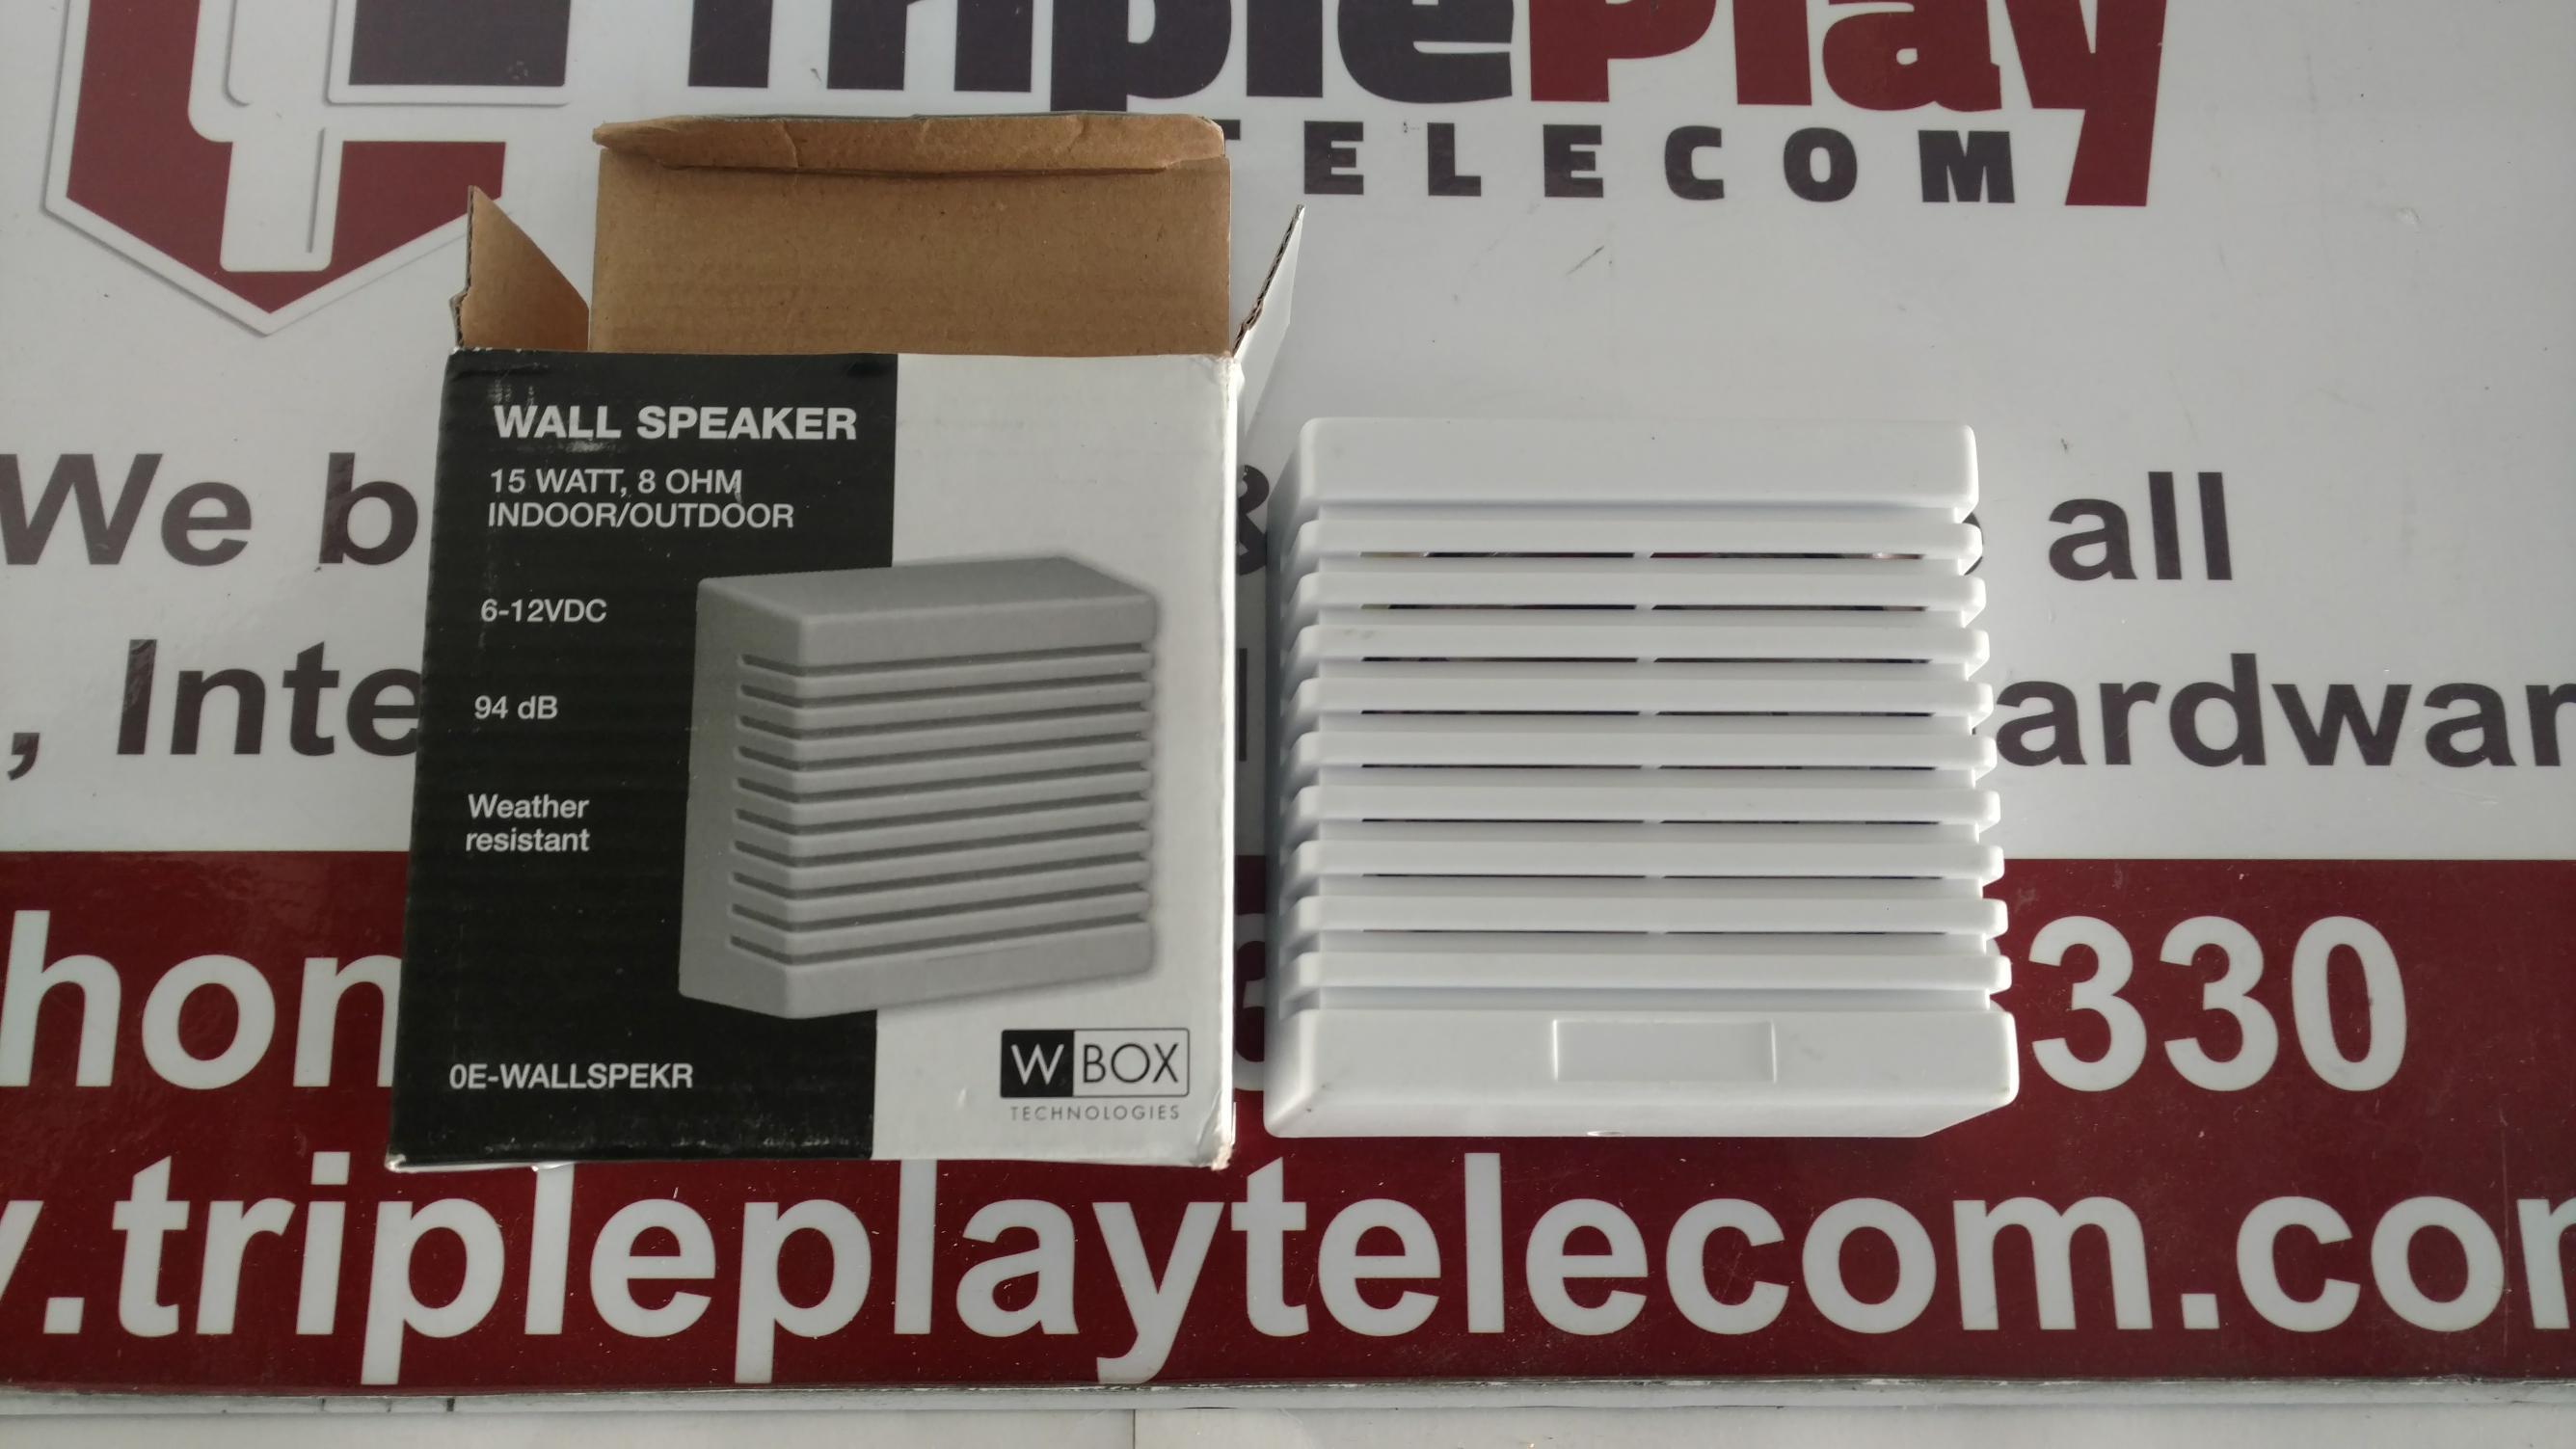 Wbox Technologies 0E-WALLSPEKR Indoor//Outdoor Wall Speaker